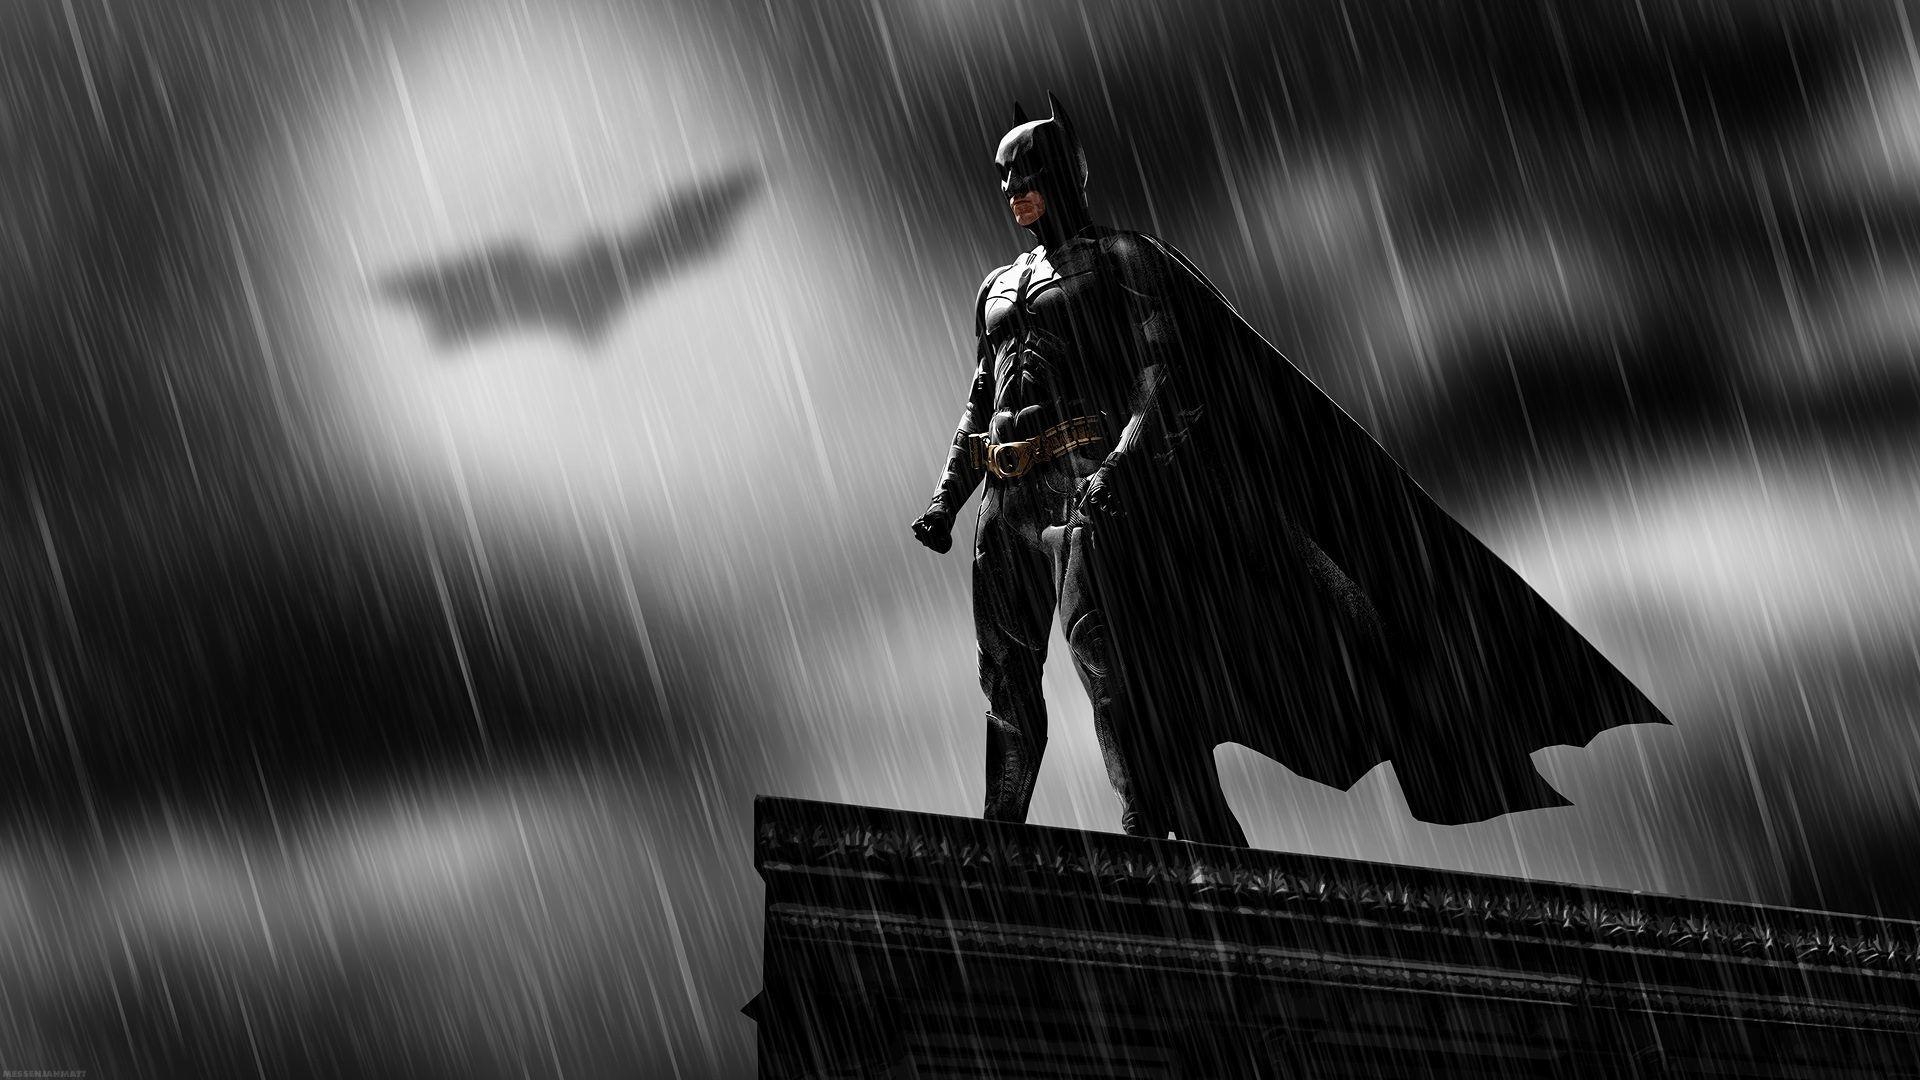 Wallpapers Best Batman Download.